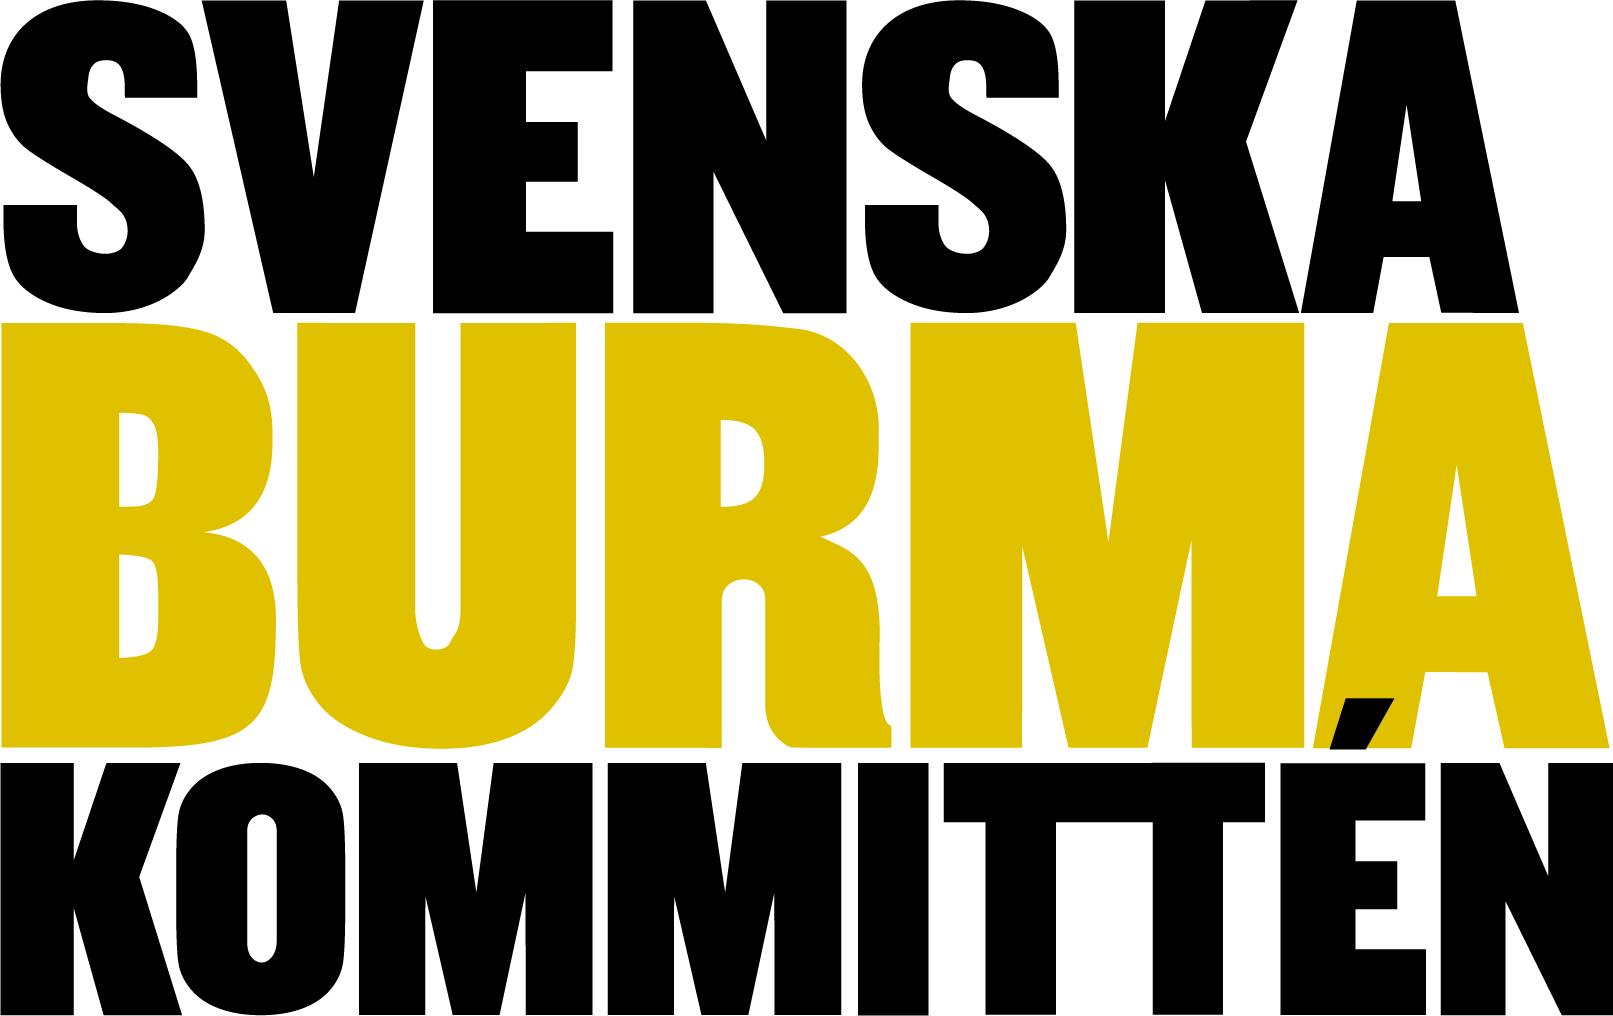 Svenska Burmakommitténs logotyp